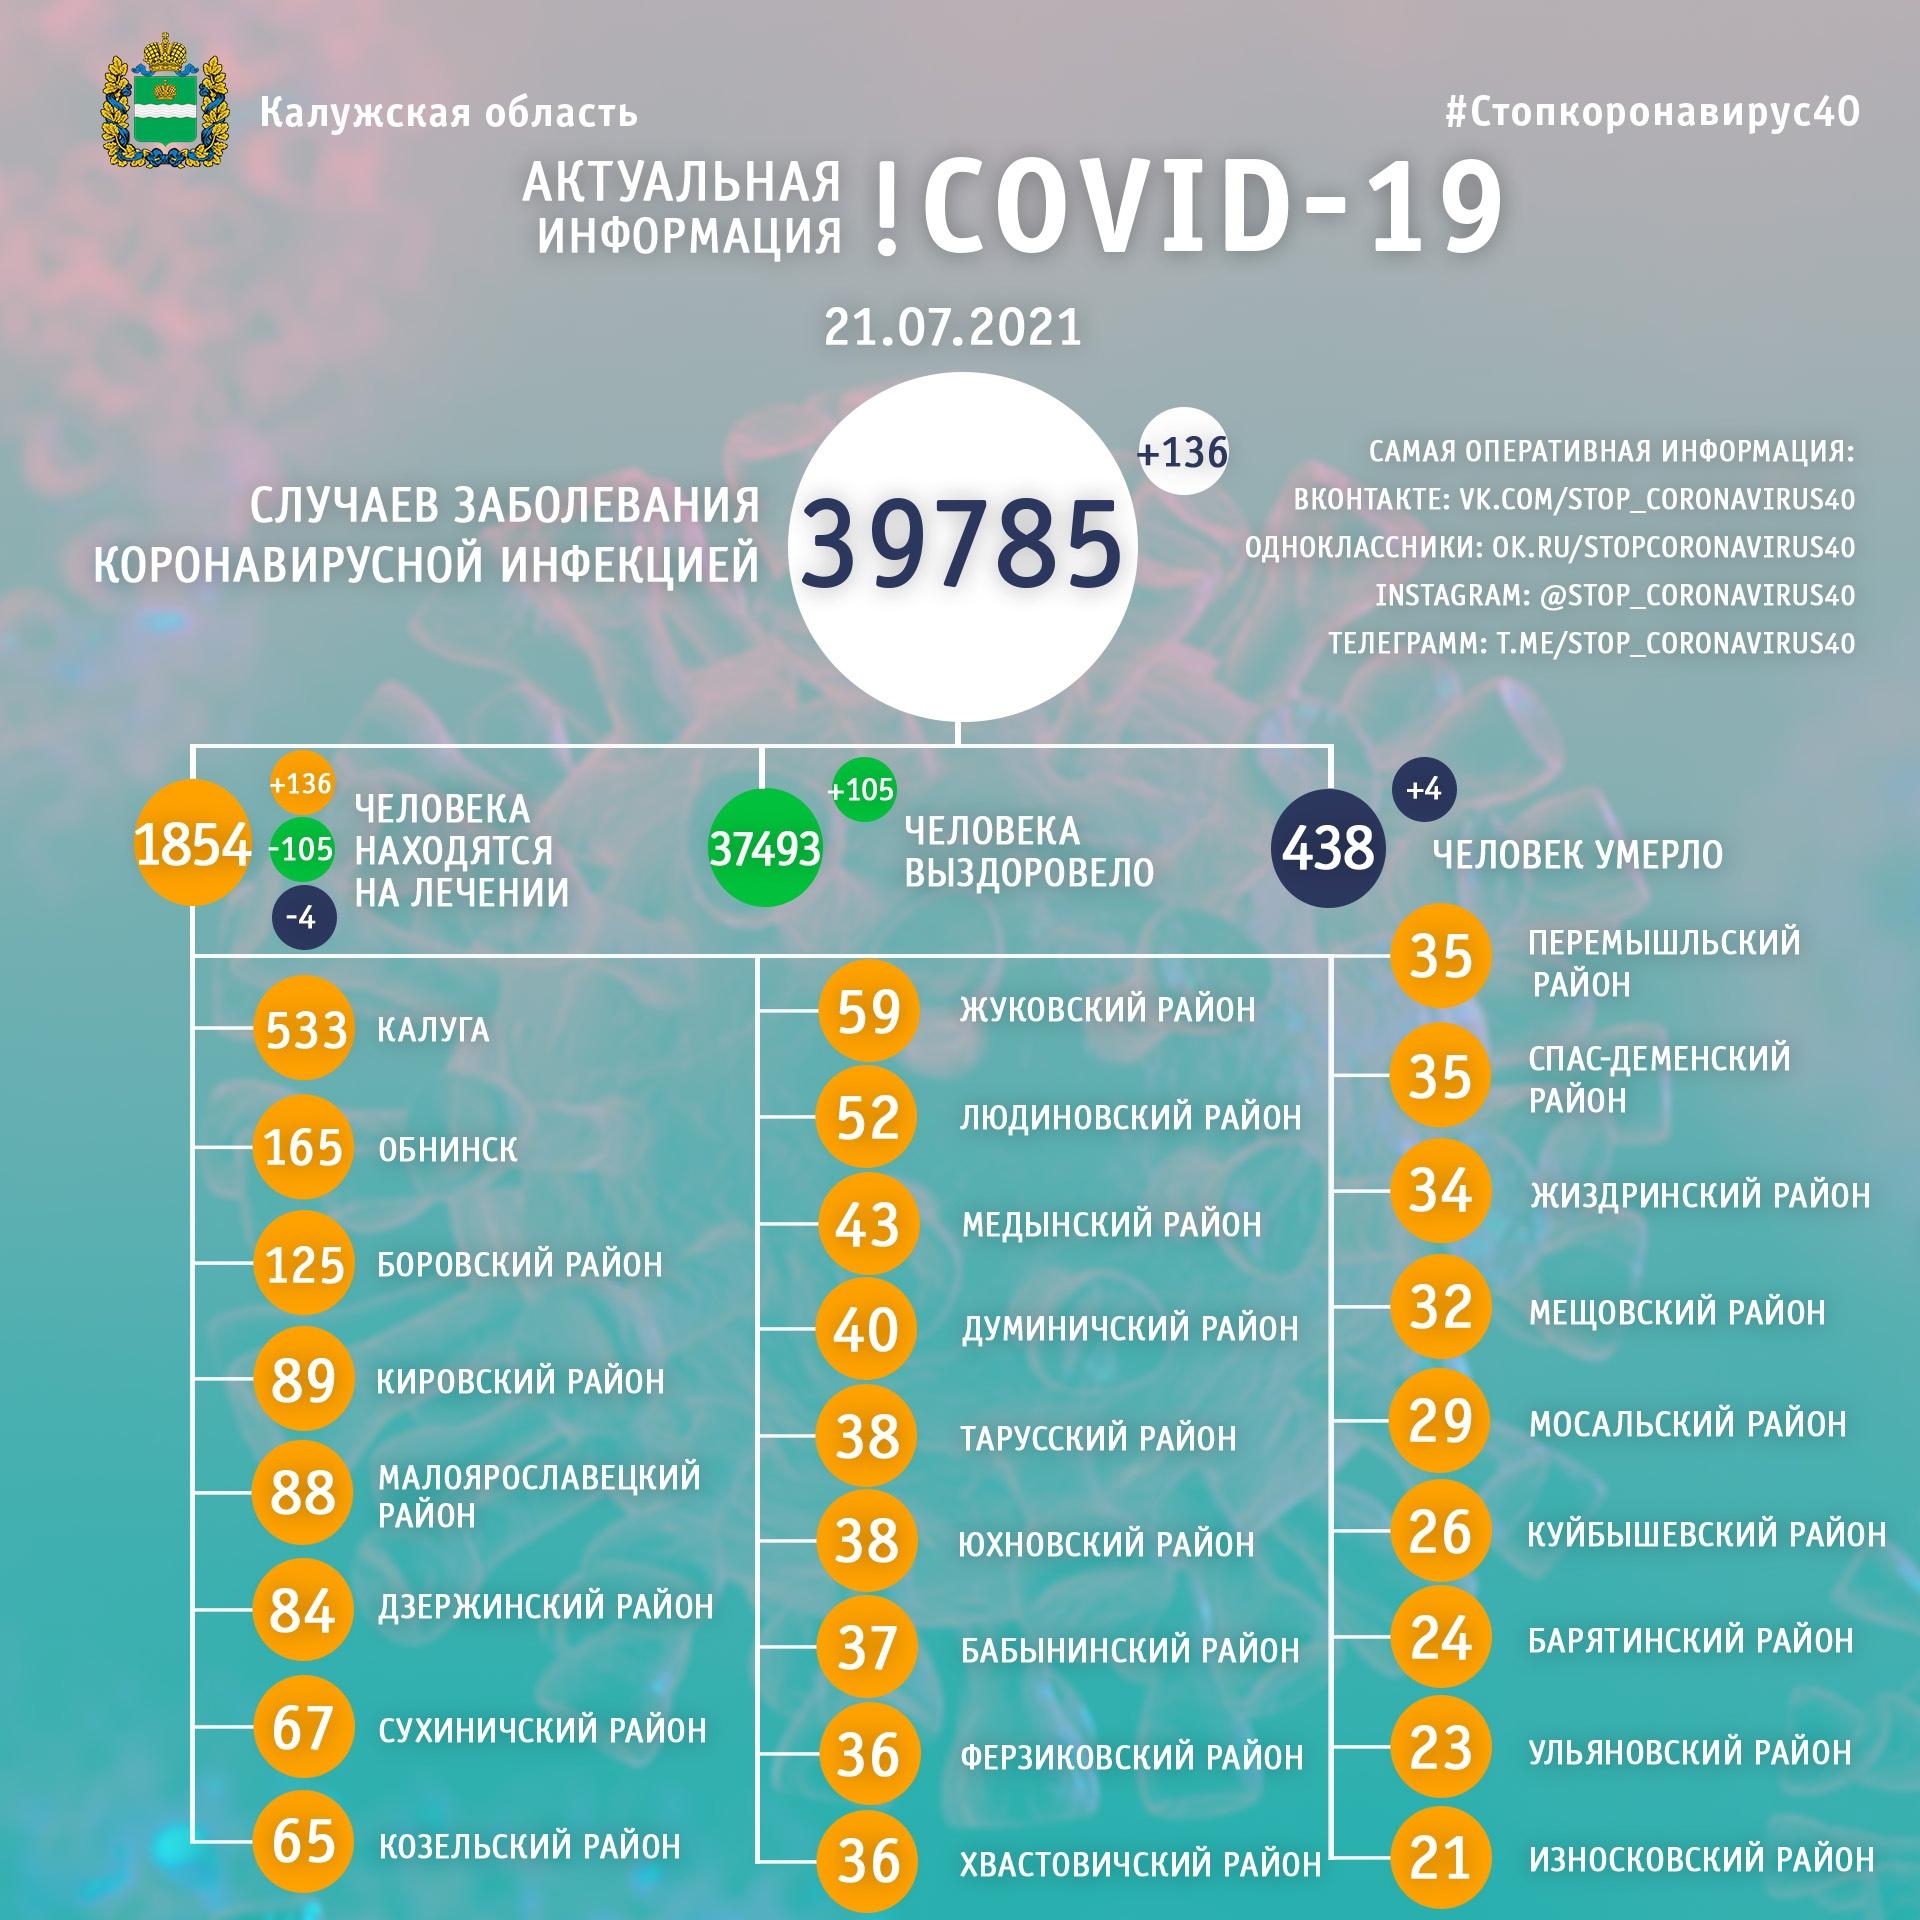 Официальная статистика по коронавирусу в Калужской области на 21 июля 2021 года.